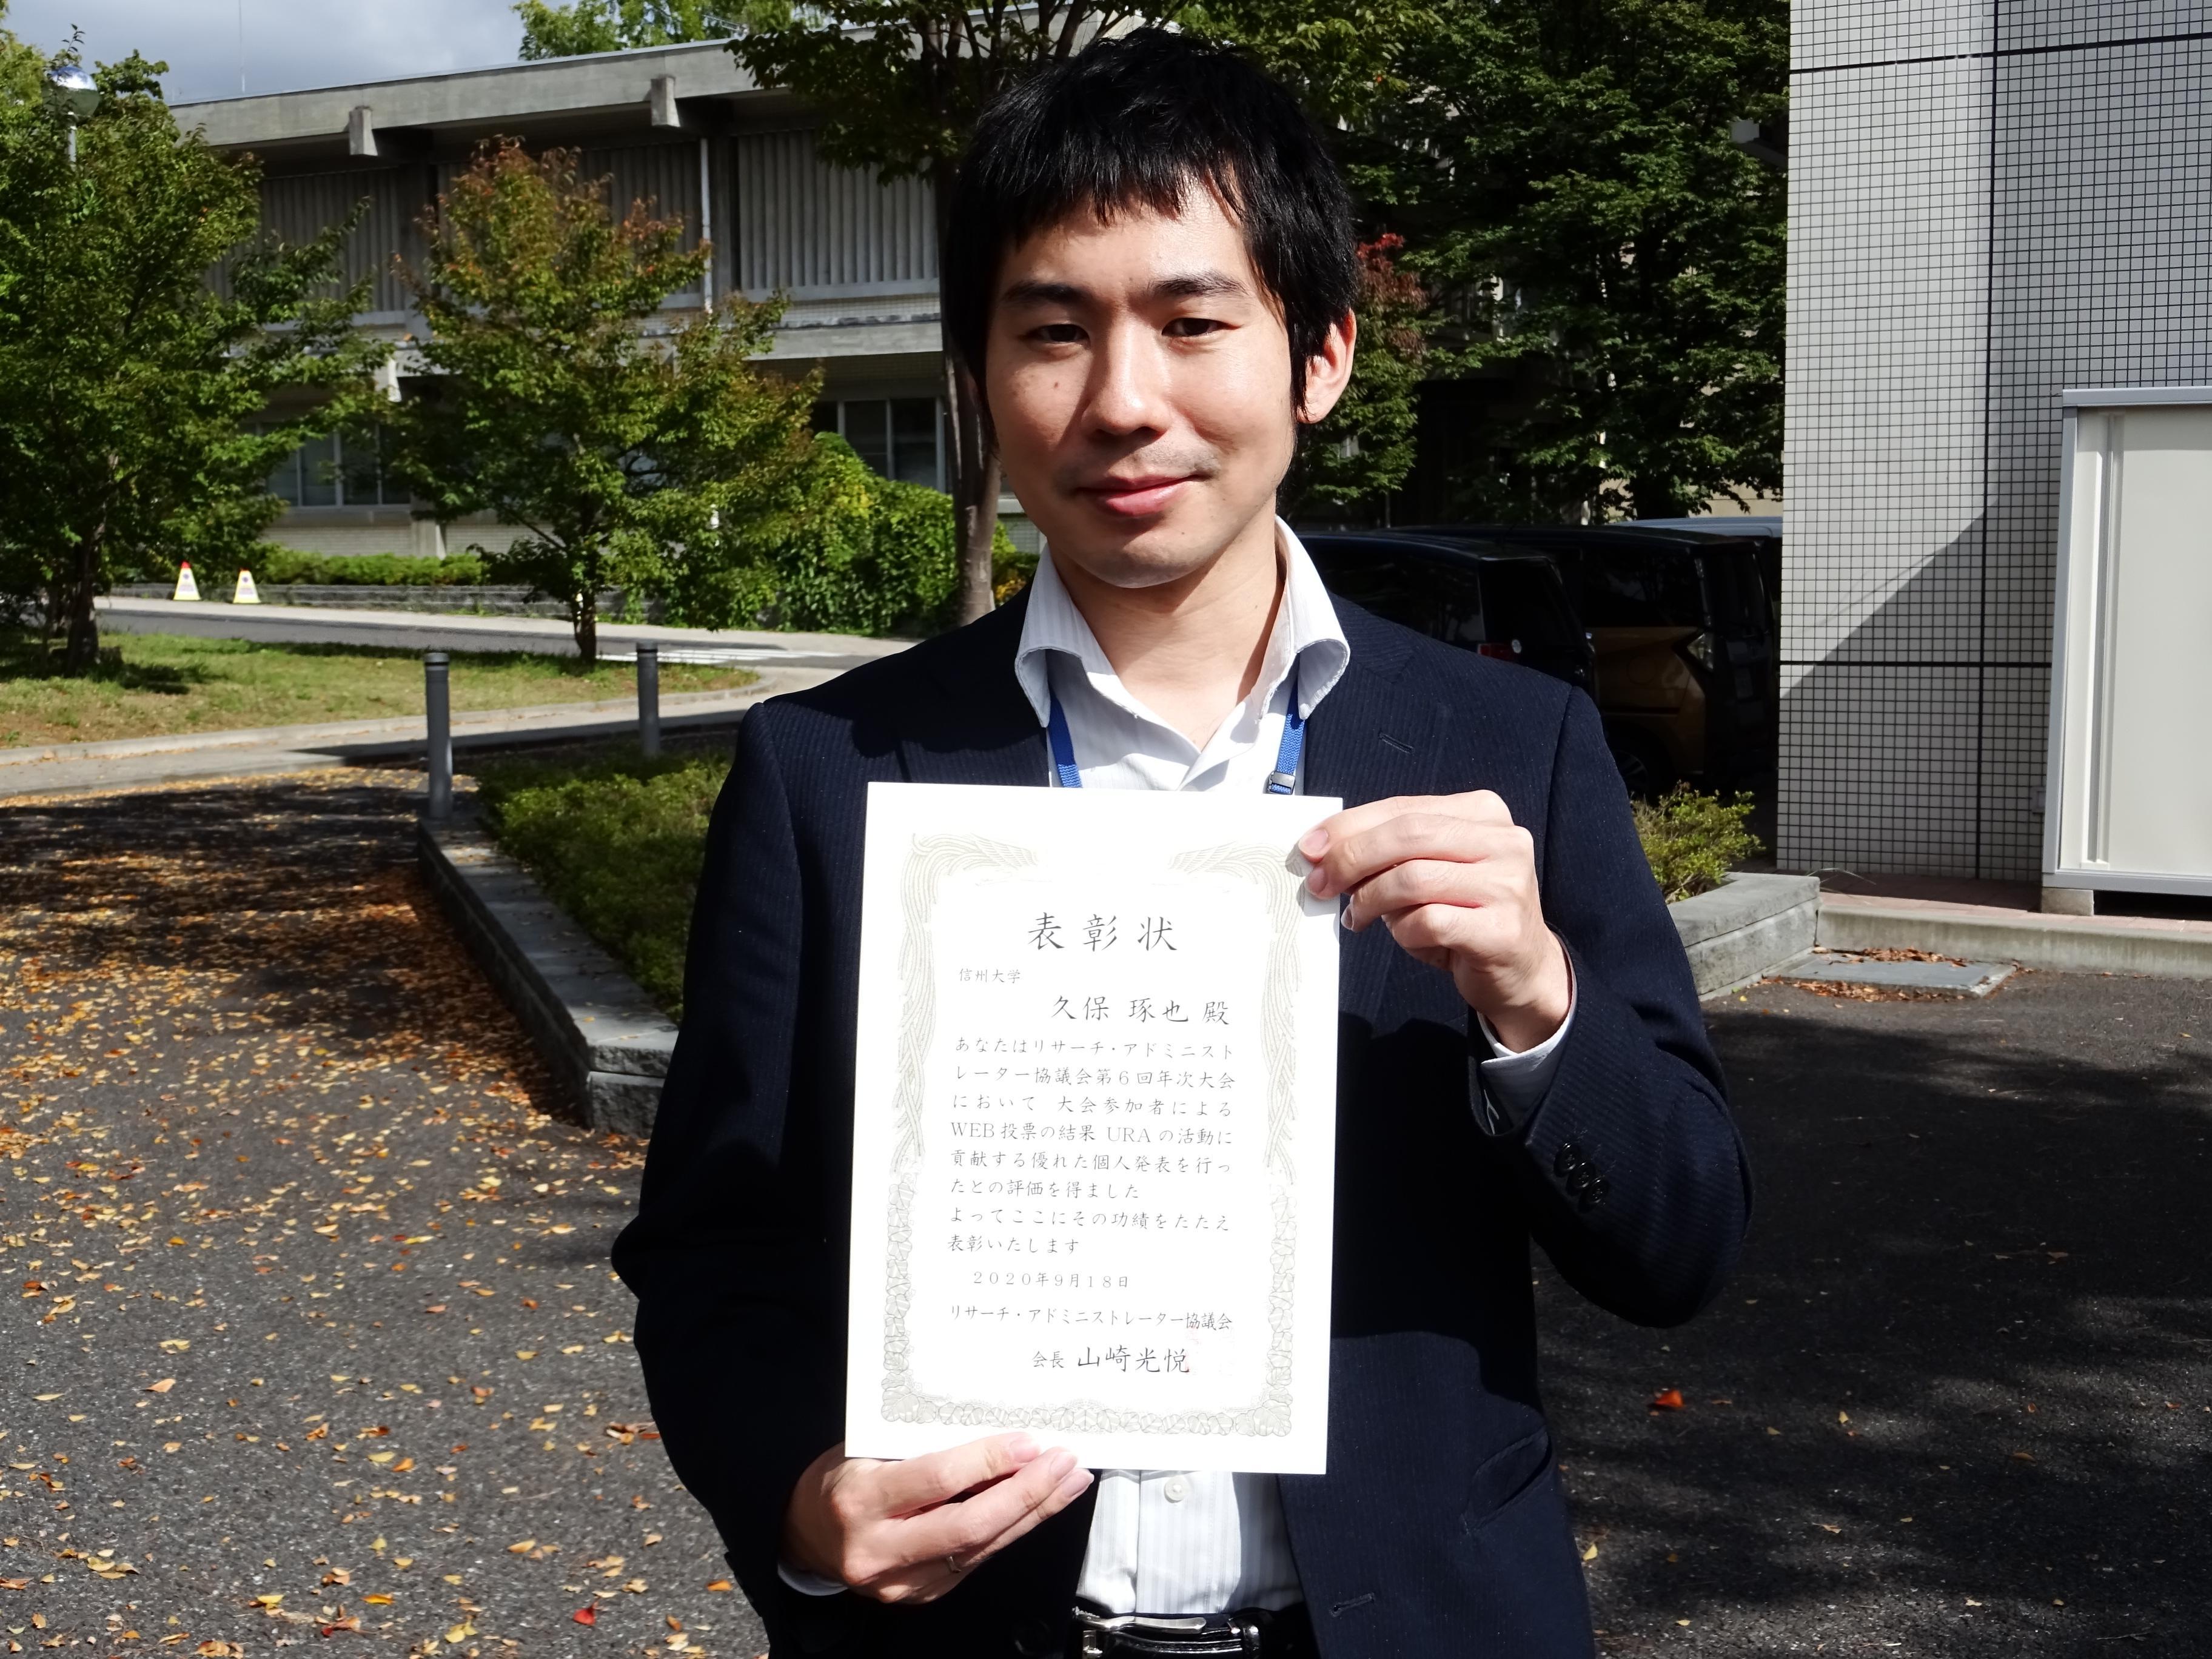 アイキャッチ画像:【2年連続】久保琢也助教が第6回RA協議会年次大会において個人発表表彰を受賞